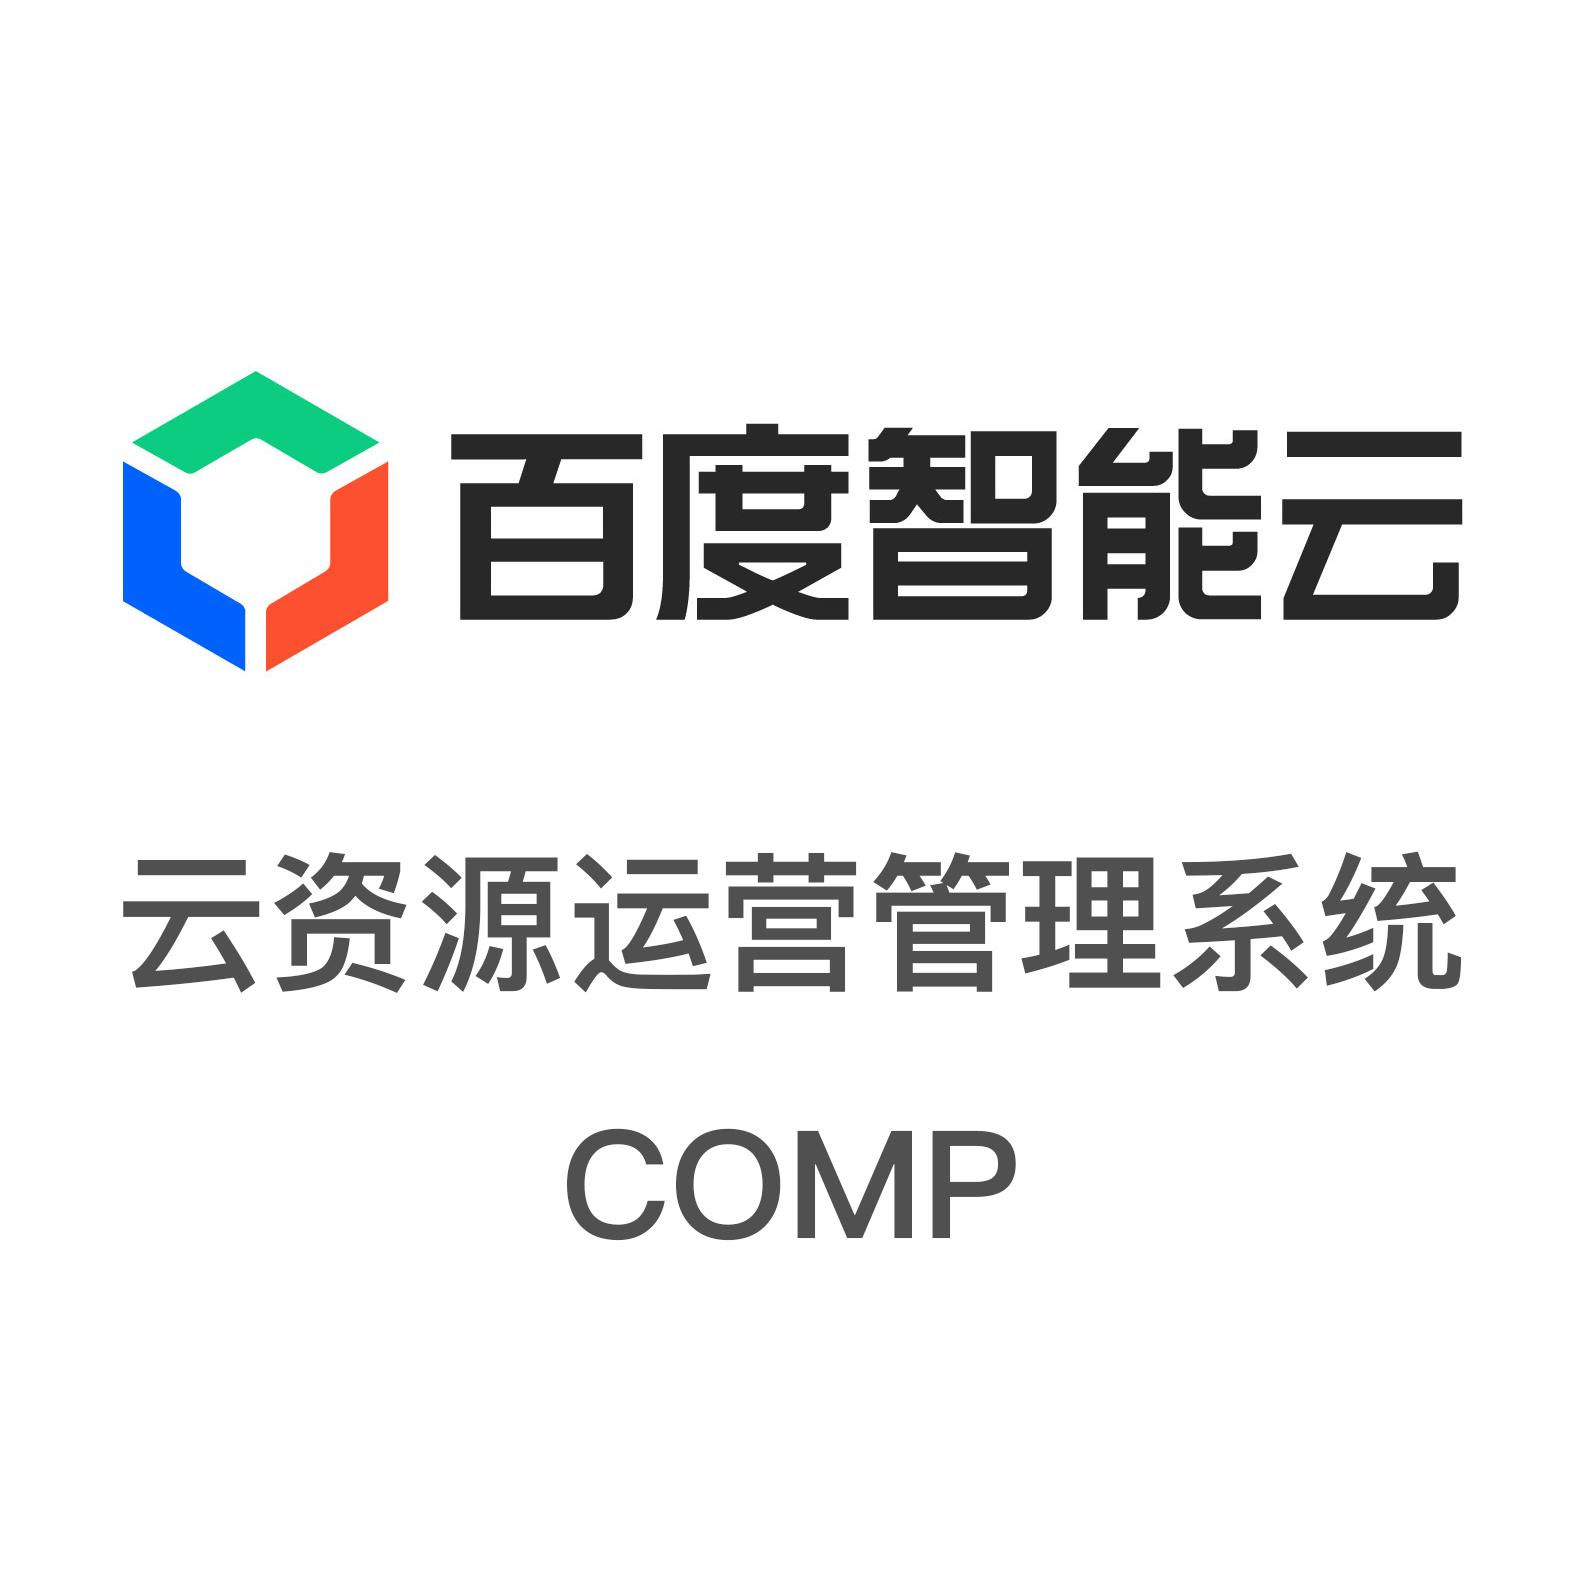 云资源管理运营系统COMP